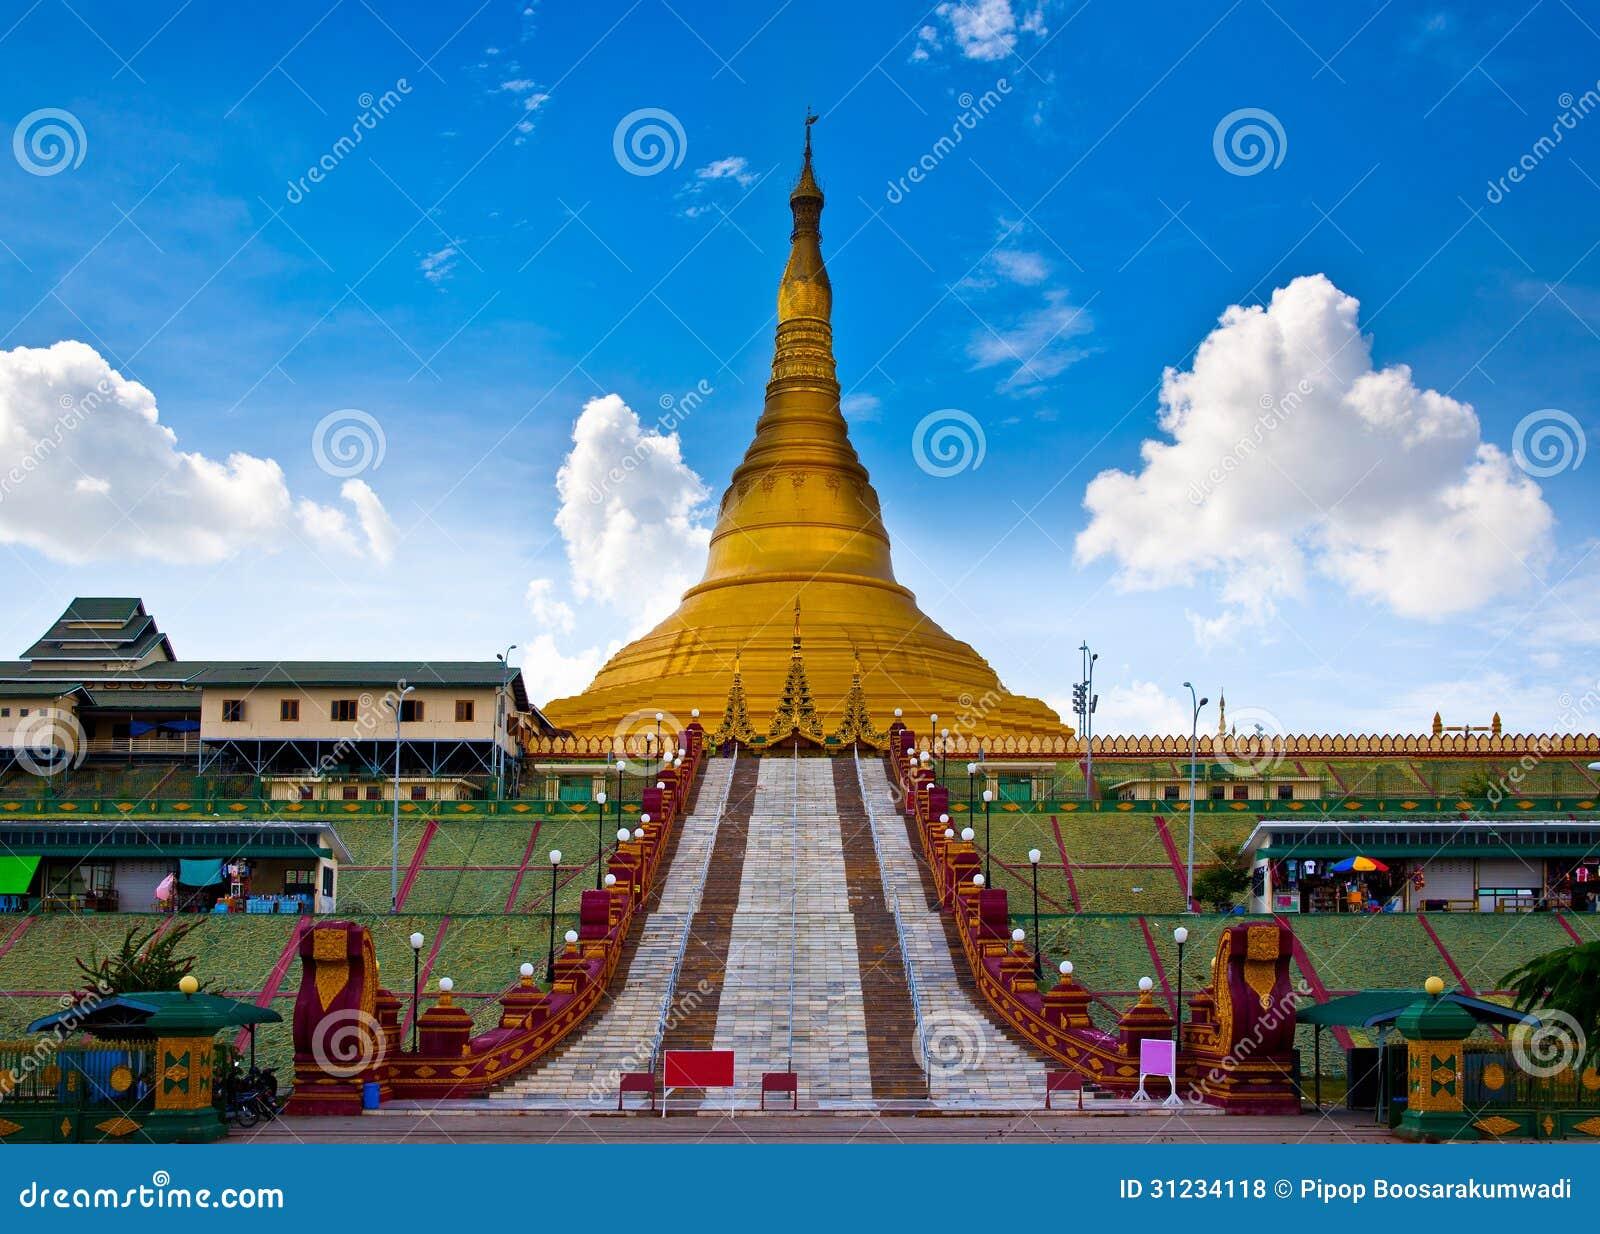 Pagoda de Uppatasanti en la ciudad de Naypyidaw (Nay Pyi Taw), capital de Myanmar (Birmania).